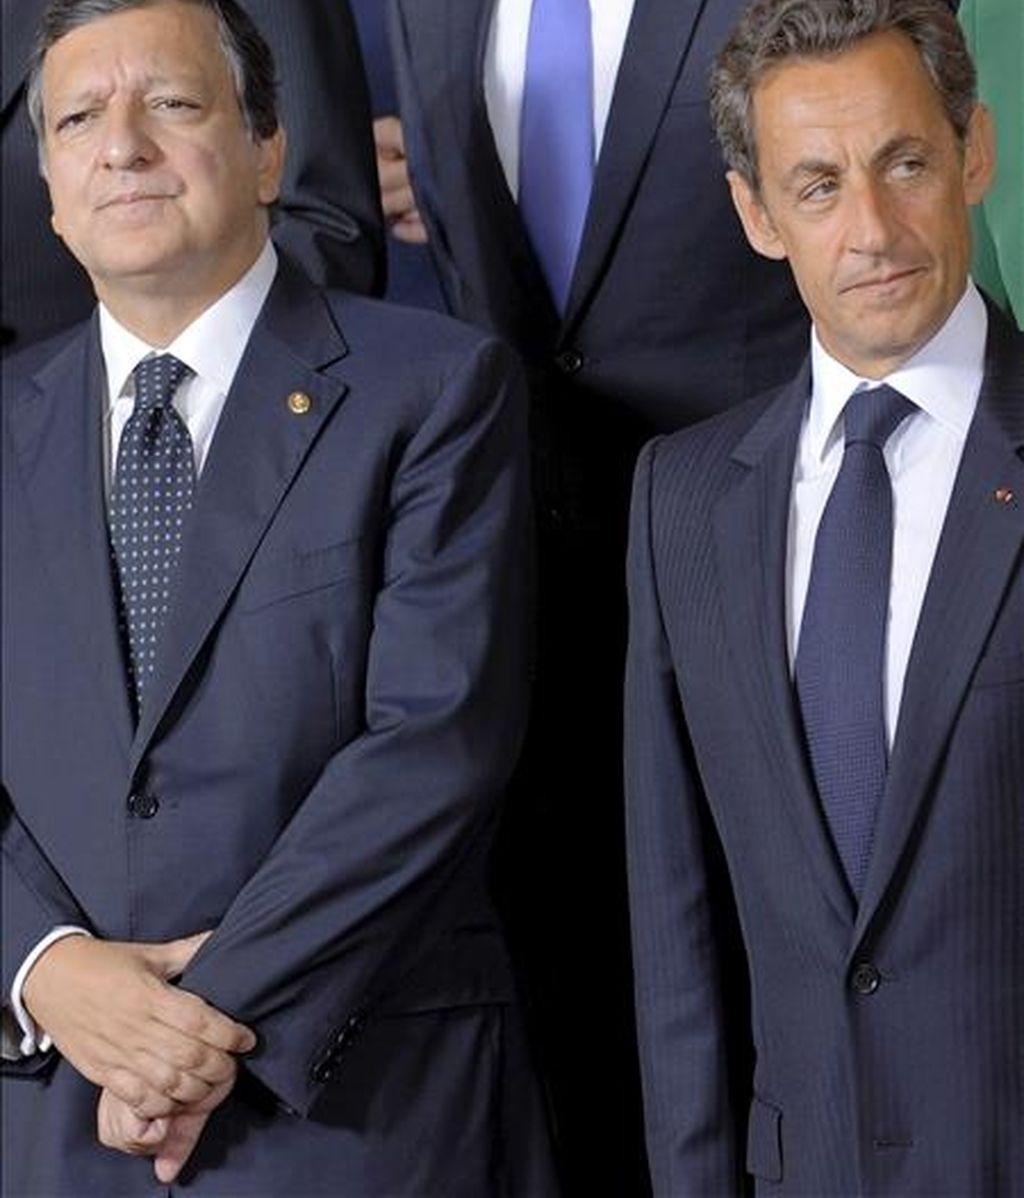 El presidente de la Comisión Europea, el portugués Jose Durao Barroso (i), y el presidente francés, Nicolas Sarkozy (d), durante la foto de familia en la cumbre del Consejo Europeo que se celebra hoy jueves 16 de septiembre de 2010 en Bruselas, Bélgica. Los líderes de la Unión Europea celebran hoy una cumbre destinada a reforzar su política exterior en un momento de tensiones internas debido a la polémica expulsión de gitanos rumanos y búlgaros por parte de Francia. EFE